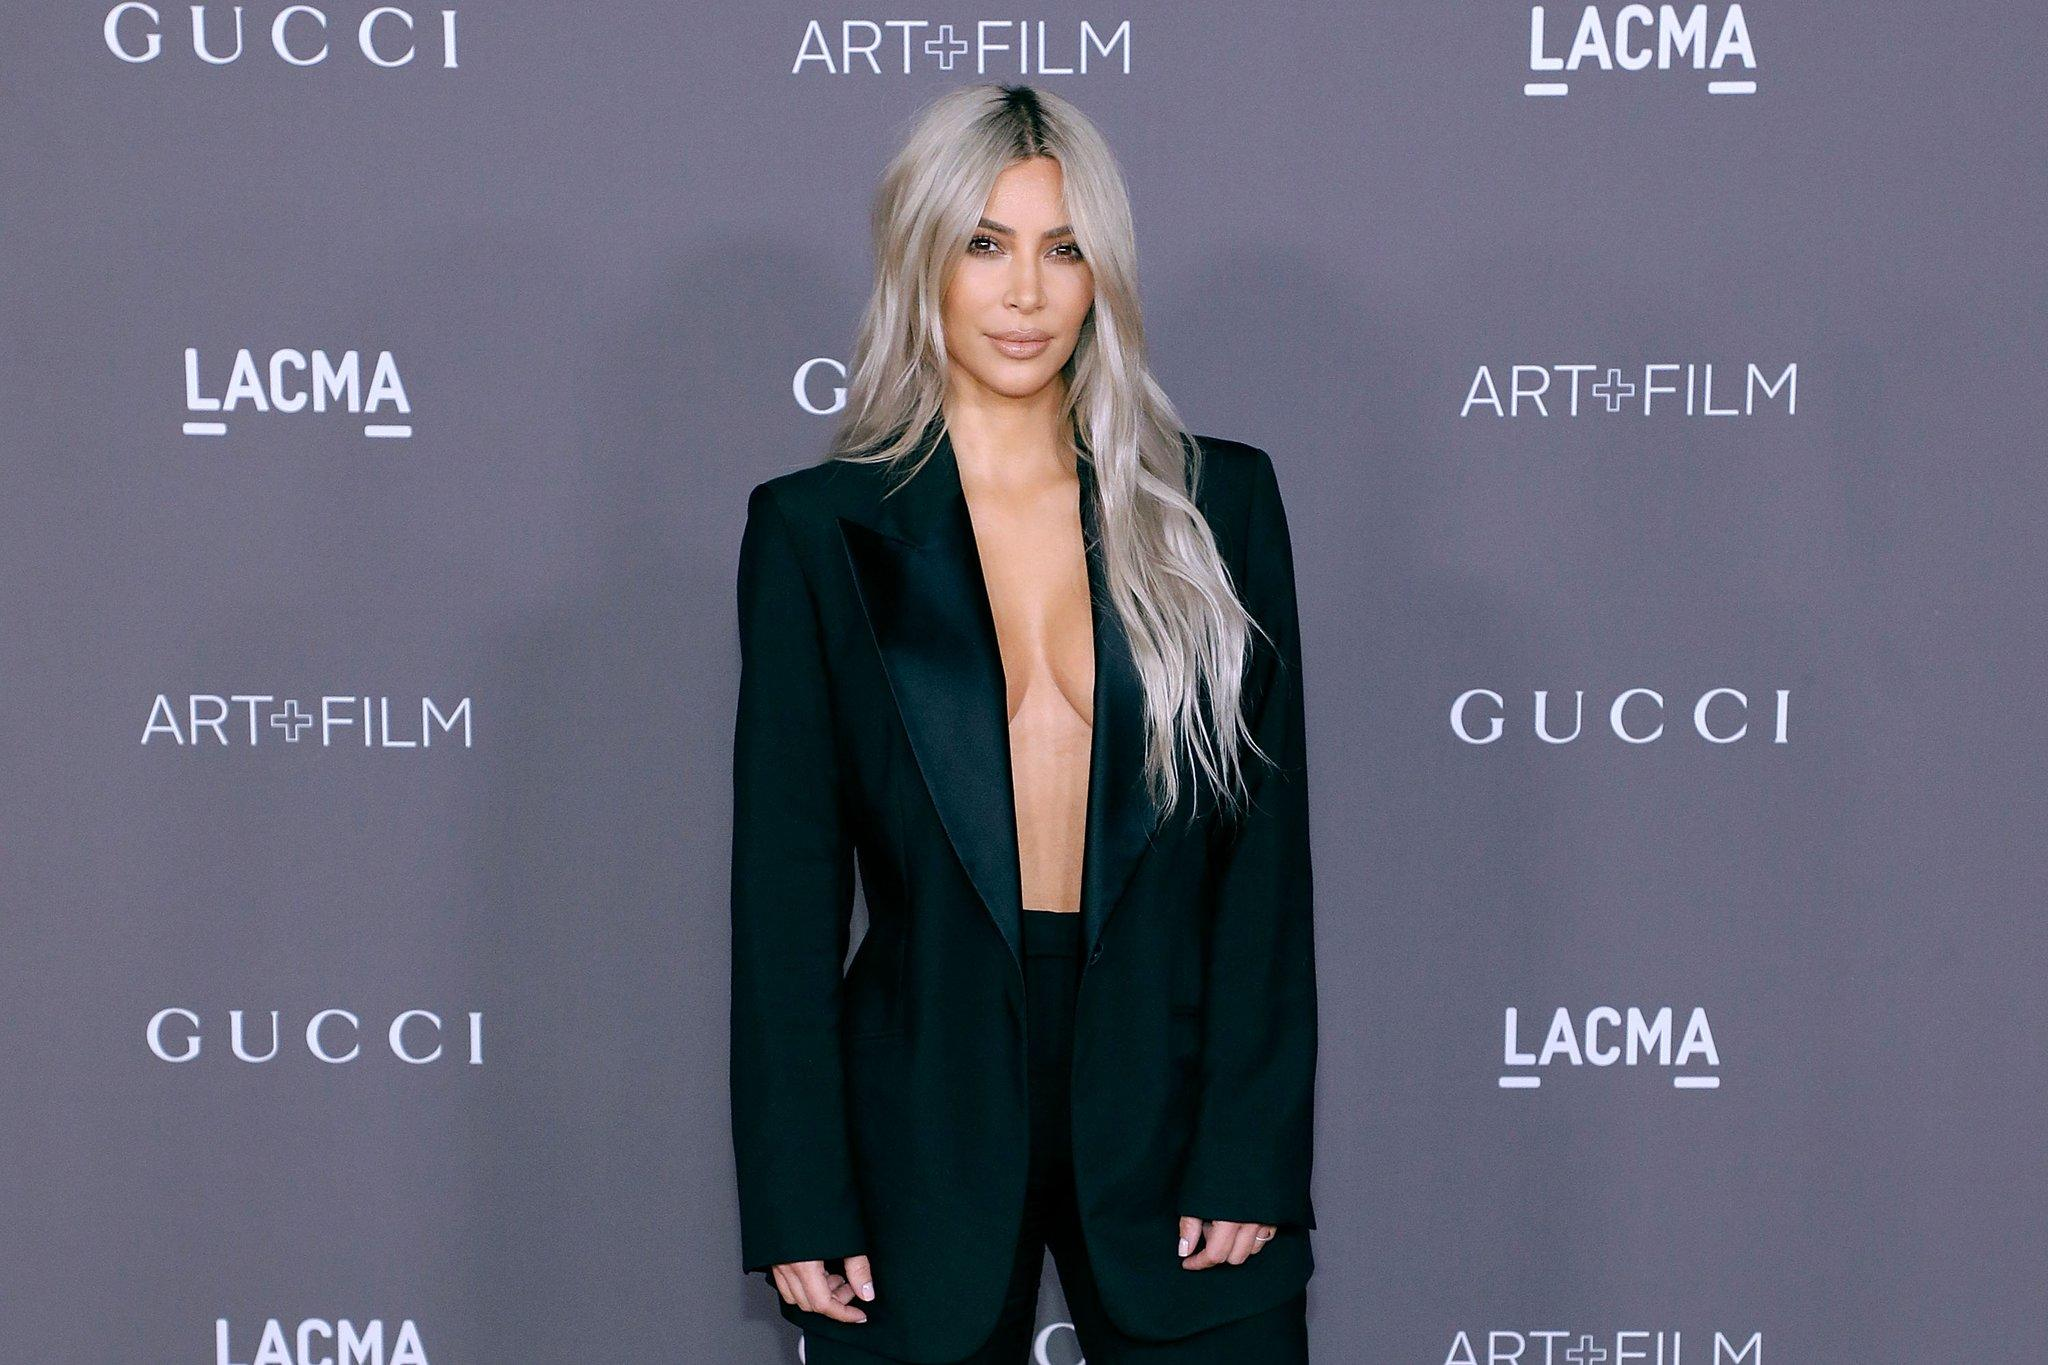 S-a făcut, DIN NOU, de râs! Kim Kardashian, greşeală JENANTĂ de Photoshop. Imaginea care face furori pe internet